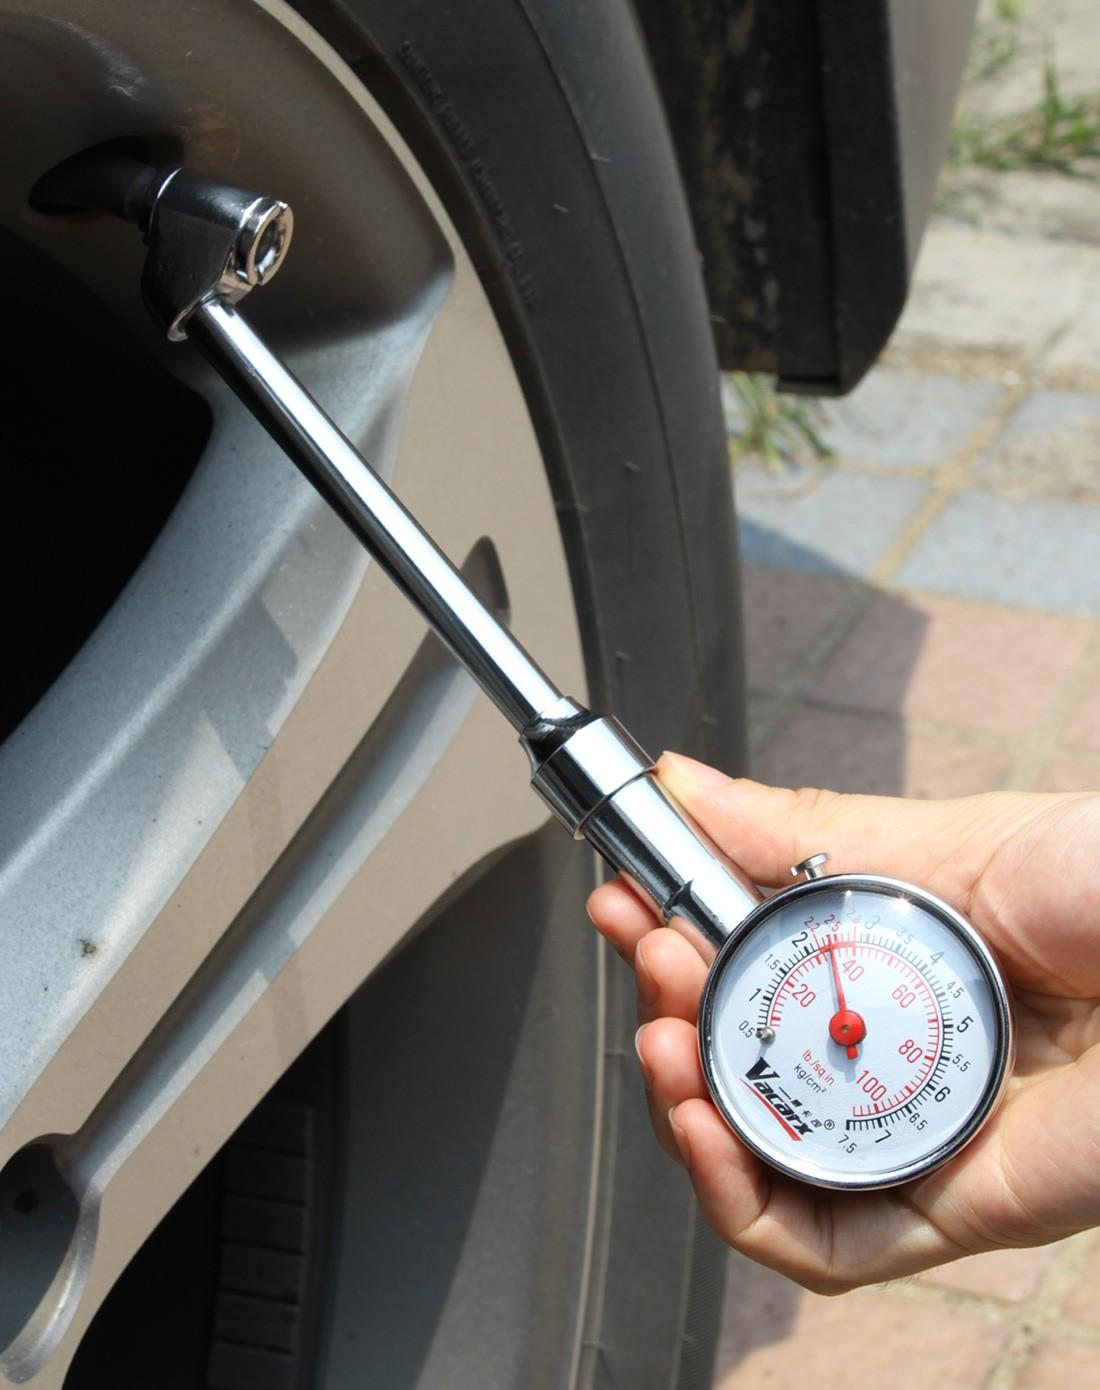 车上用品专场双向精密轮胎气压计va-285图片